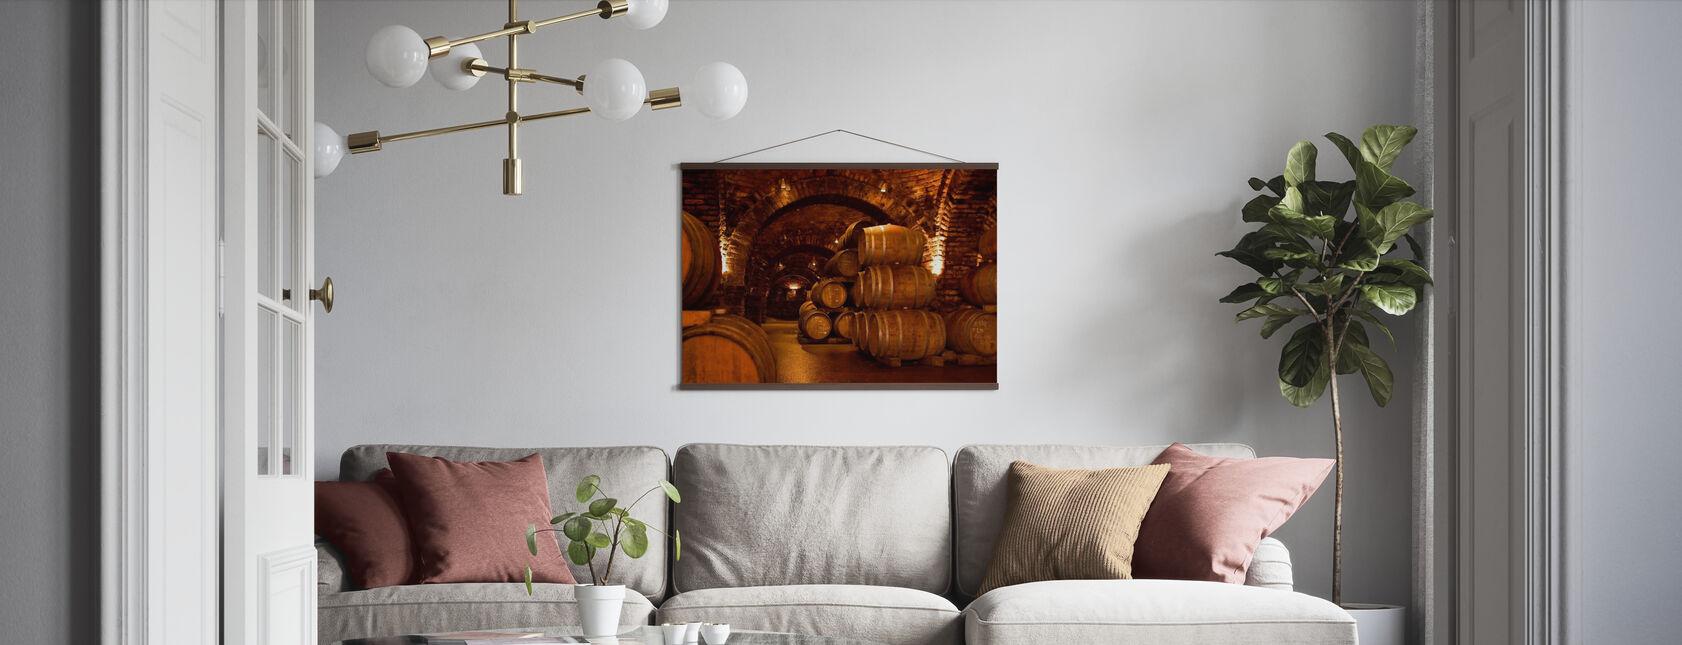 Wijnkelder Vaten - Poster - Woonkamer